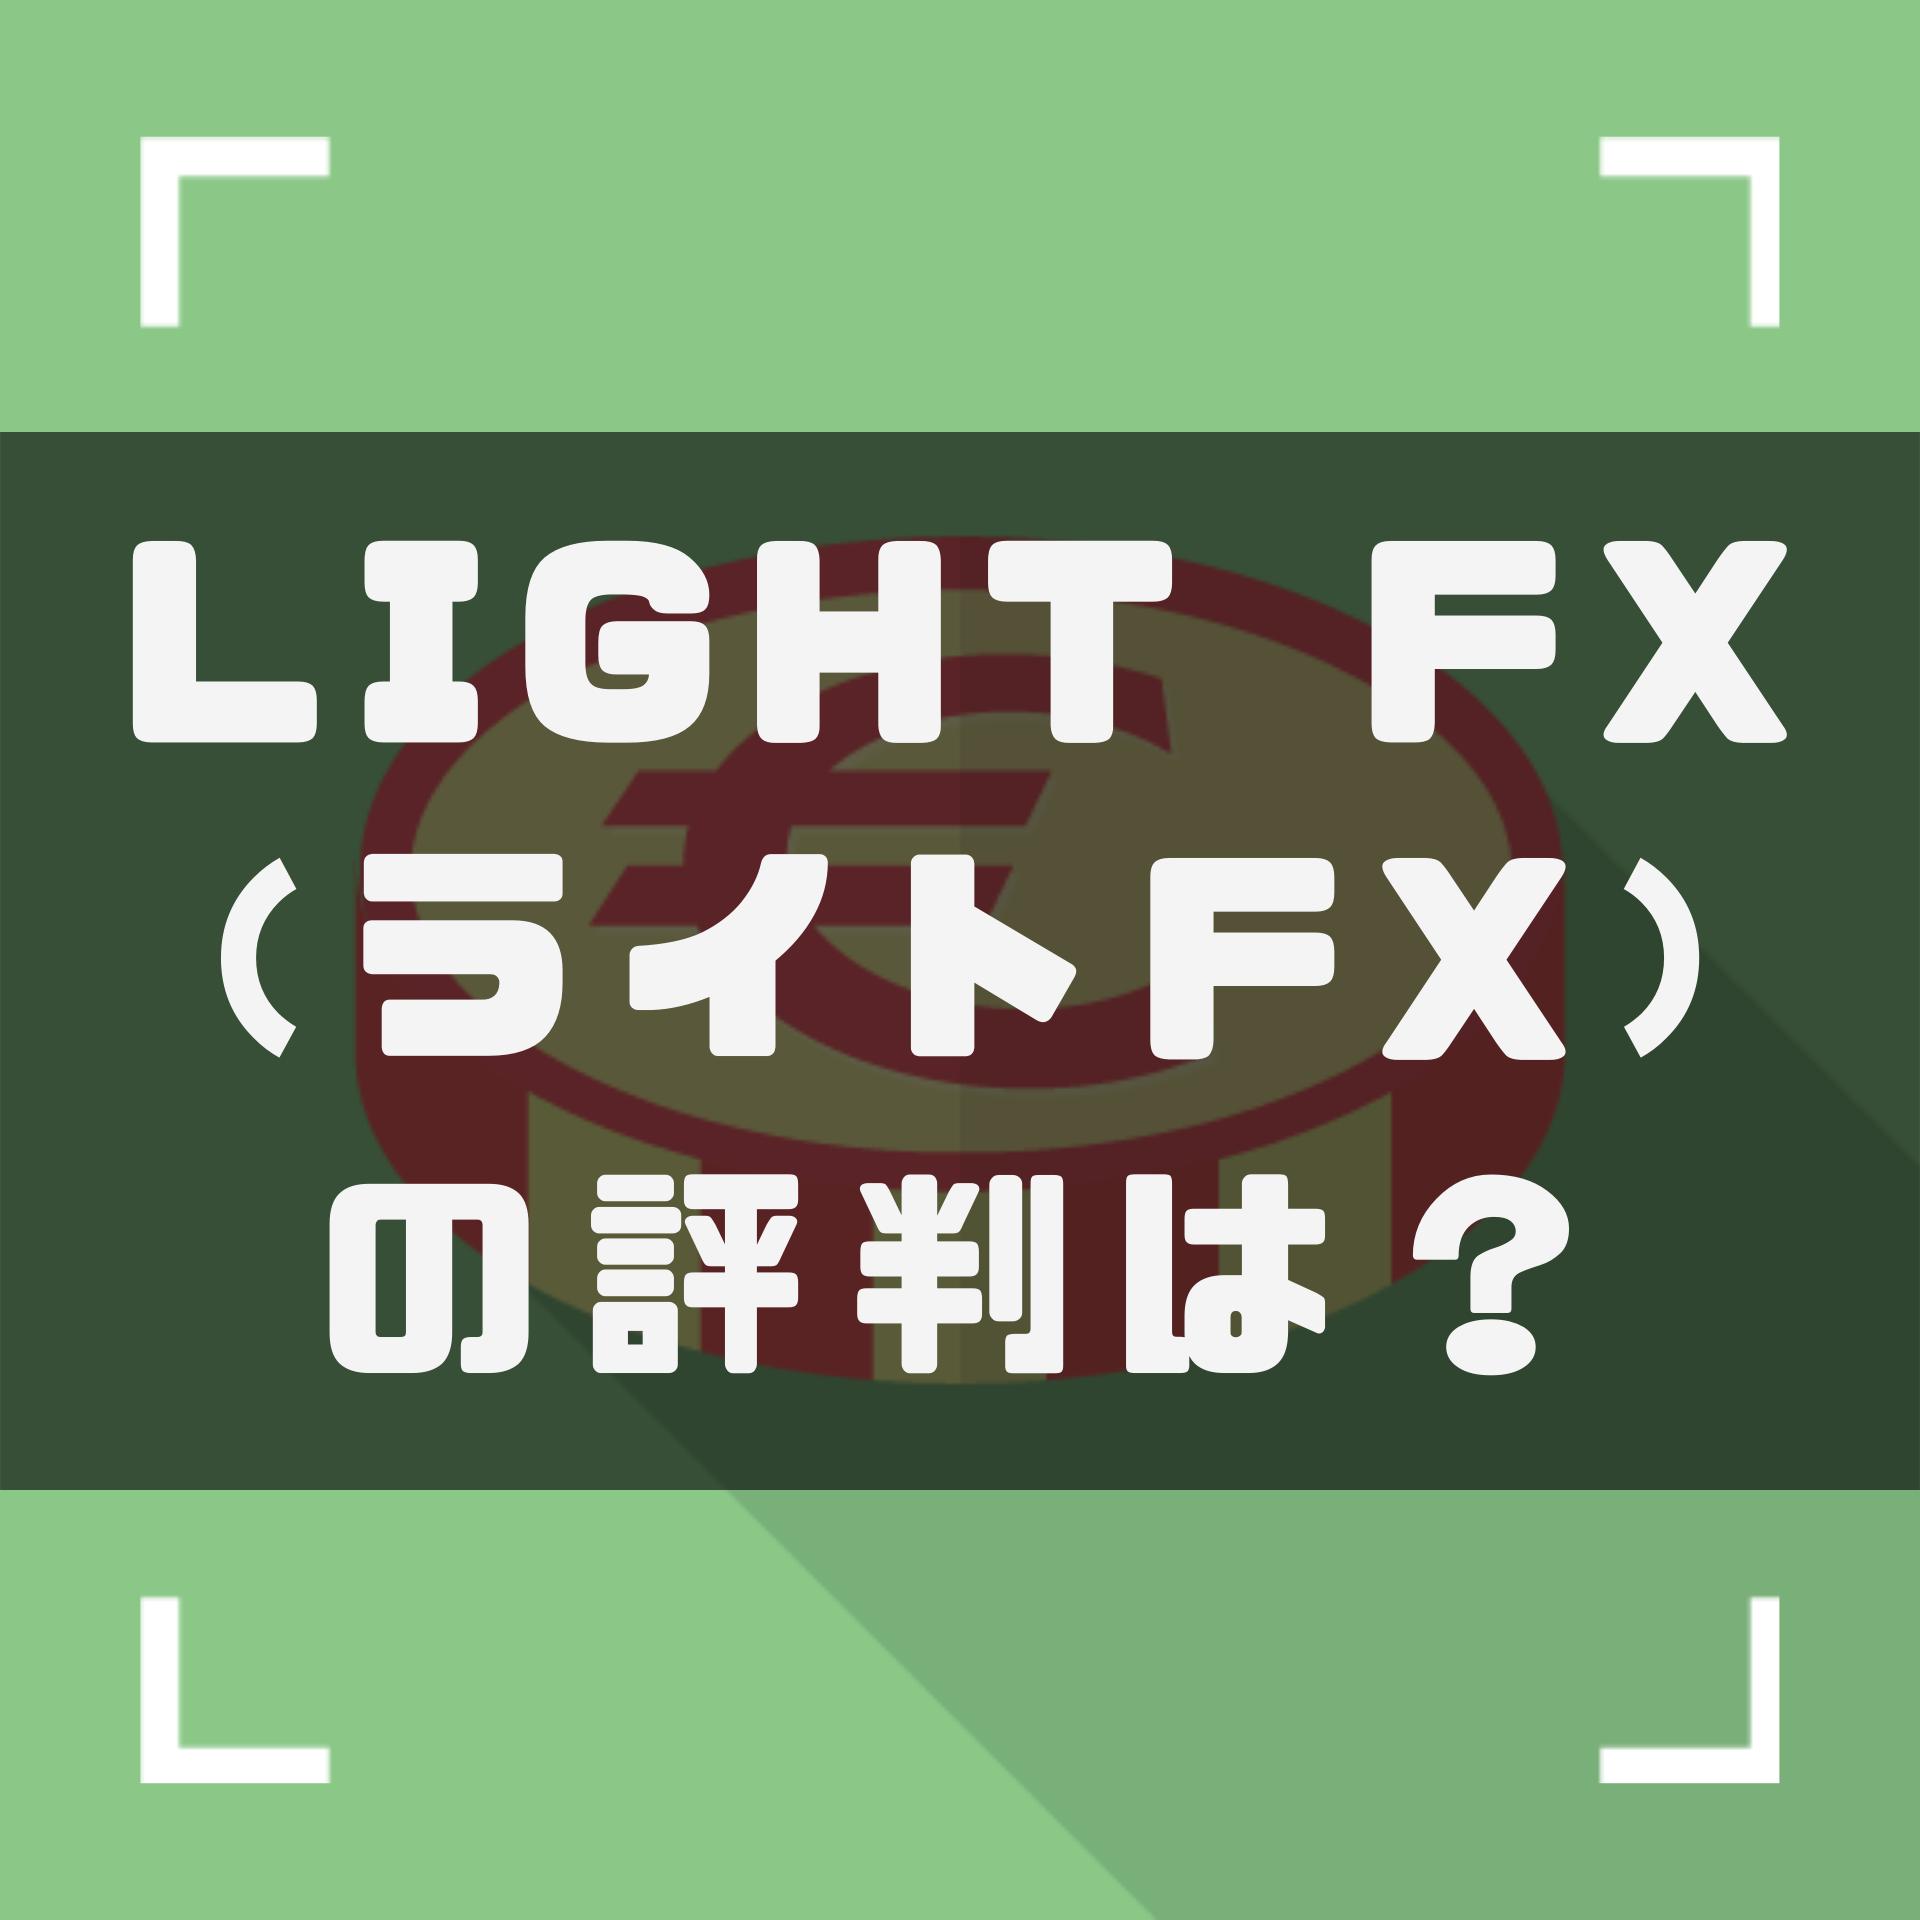 LIGHT FX(ライトFX)は悪い評判ばかり?キャンペーンやスワップポイントの口コミも徹底検証